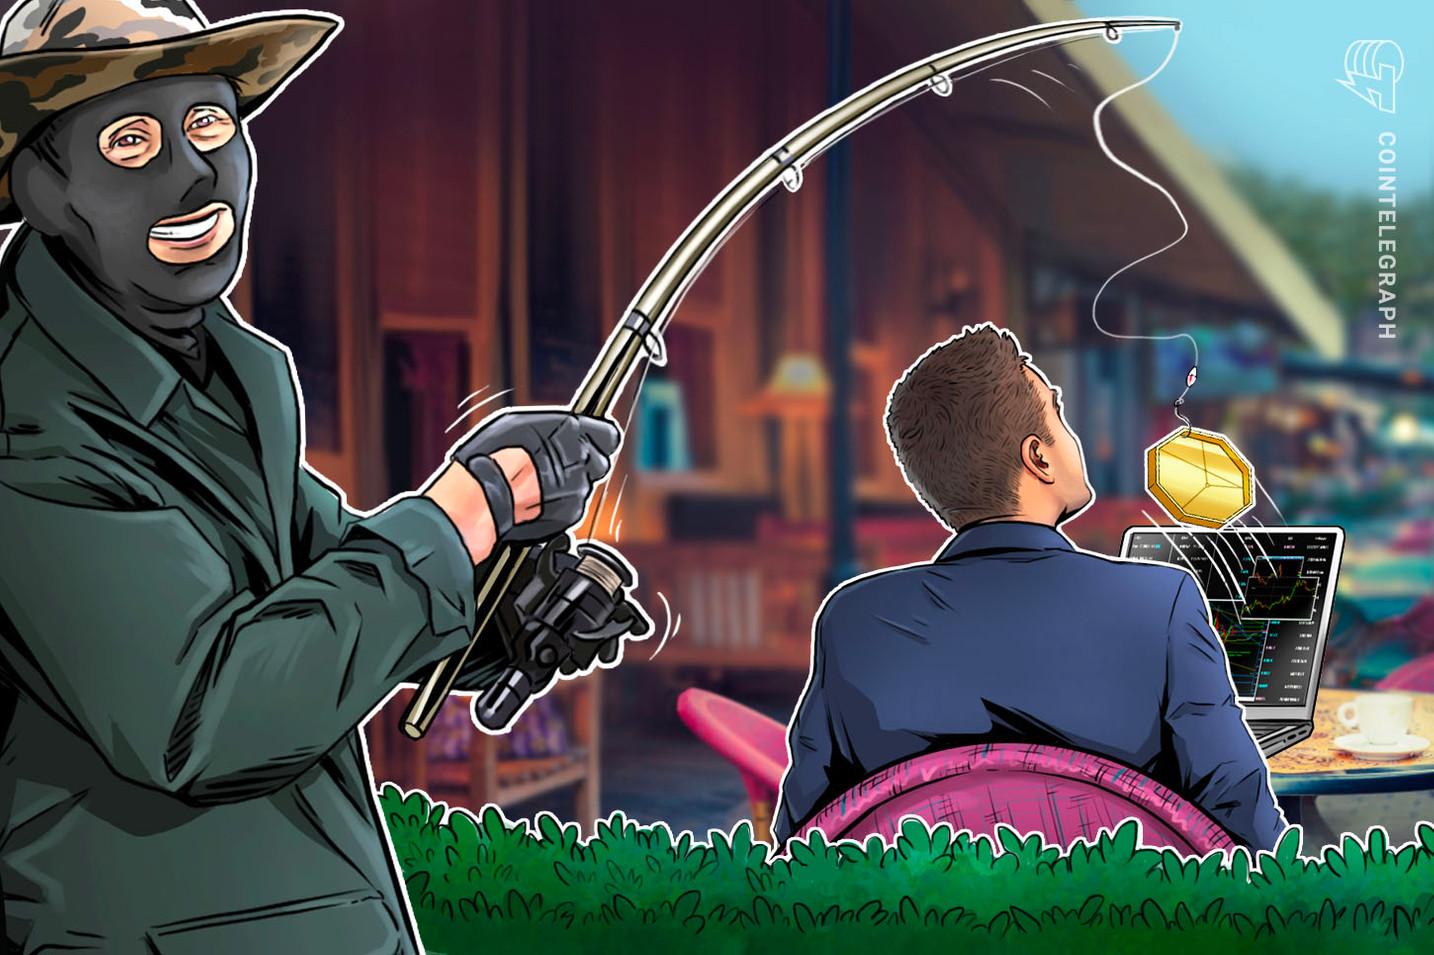 LocalBitcoins reanuda transacciones salientes después de advertencias de 'phishing' en un foro